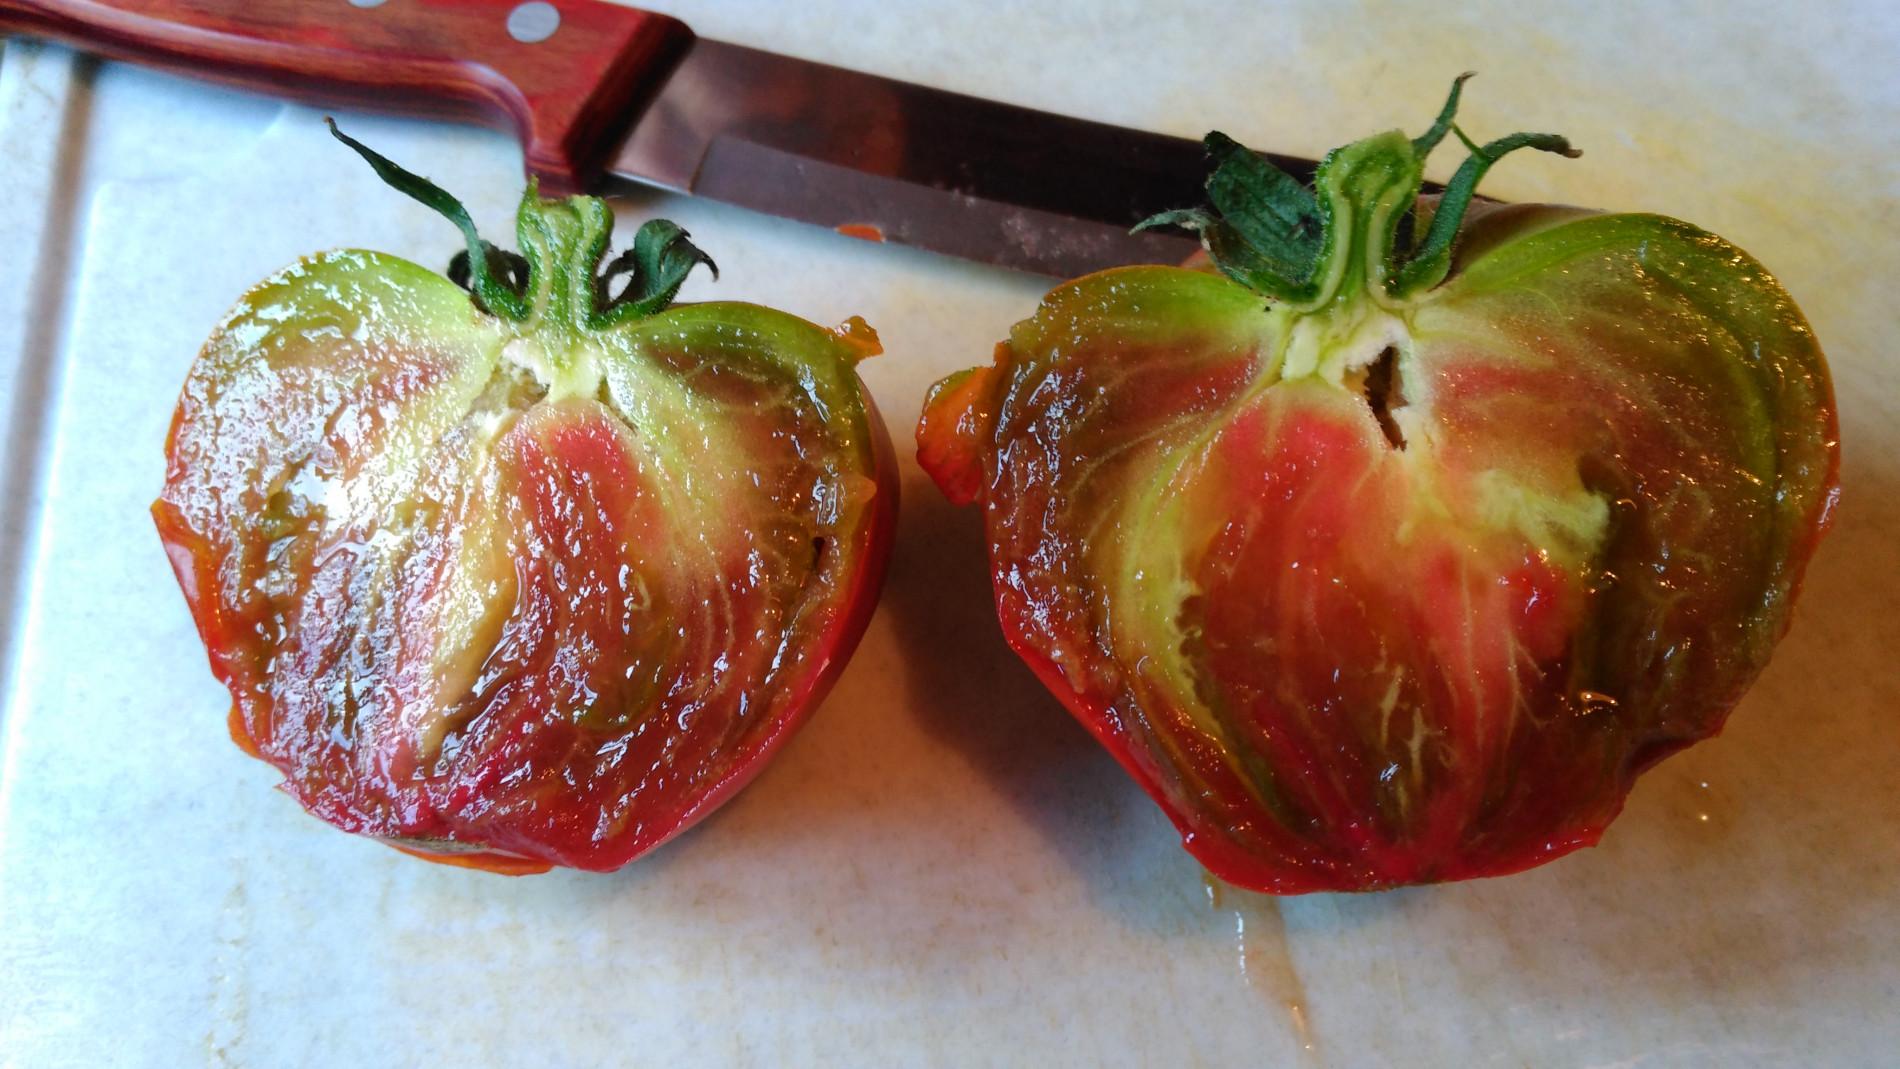 Вкусный и проверенный временем томат «сердце ашхабада»: обзор сорта и азов его выращивания